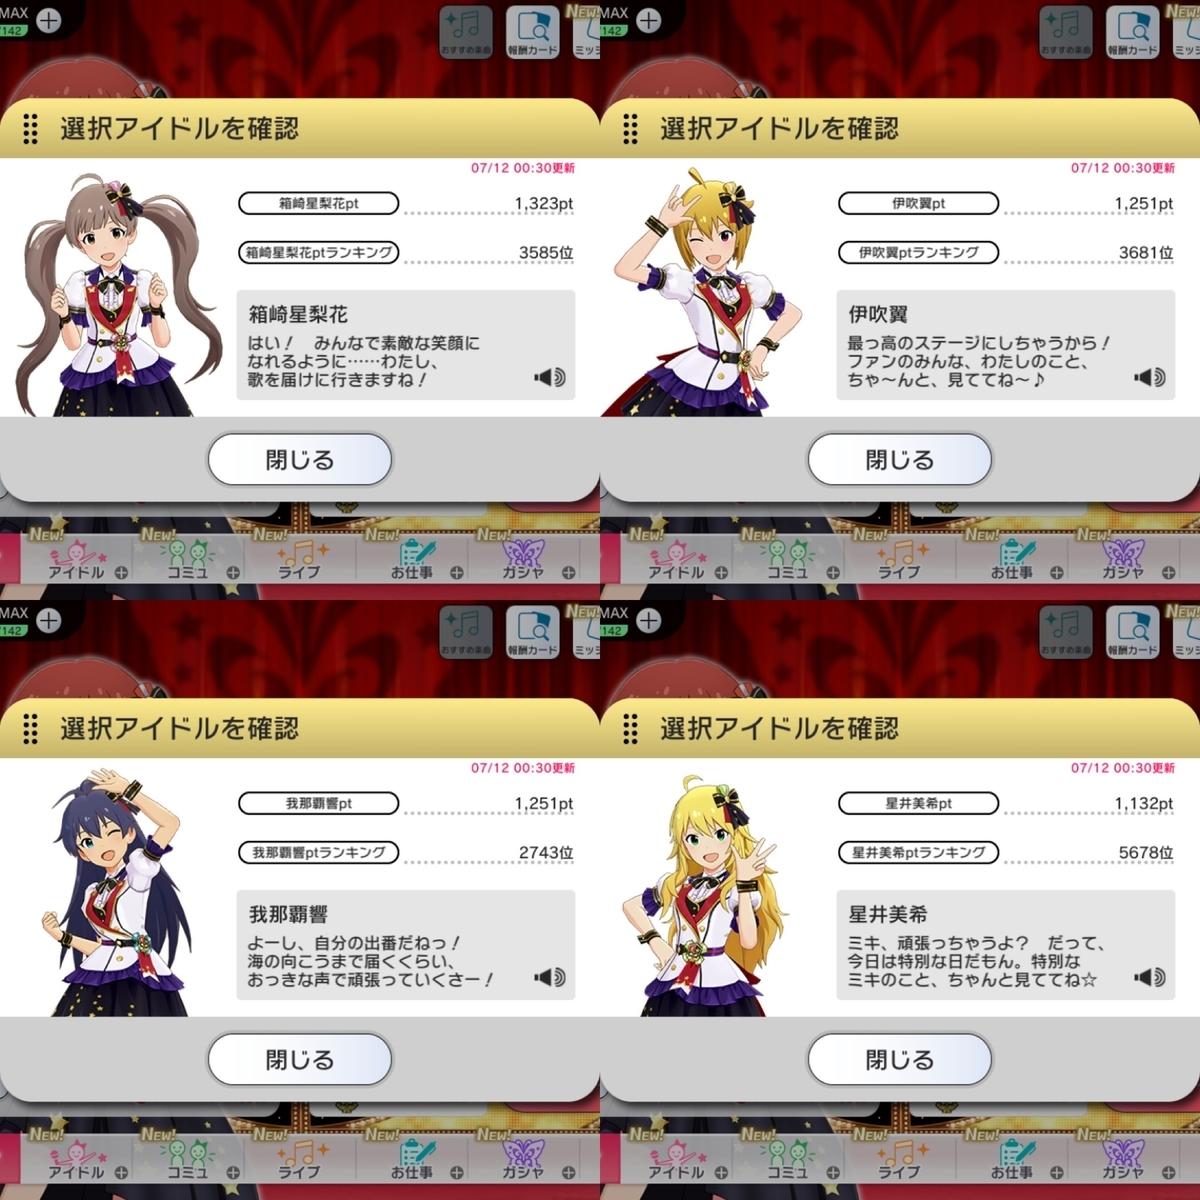 f:id:Kotoha-P_mtf:20210714133930j:plain